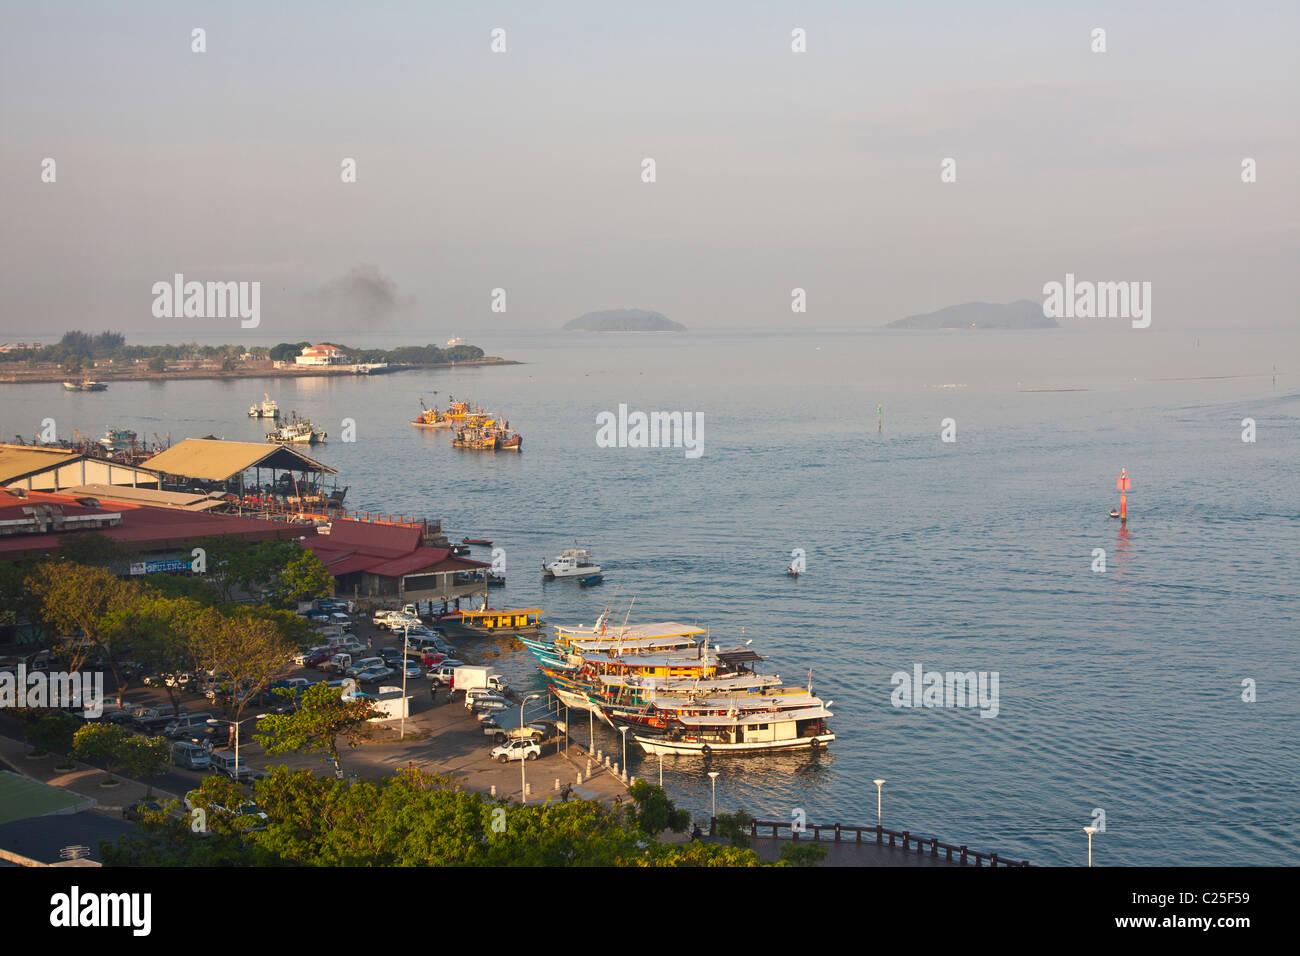 Kota Kinabalu Harbour at Dawn, Sabah, Borneo, Malaysia - Stock Image